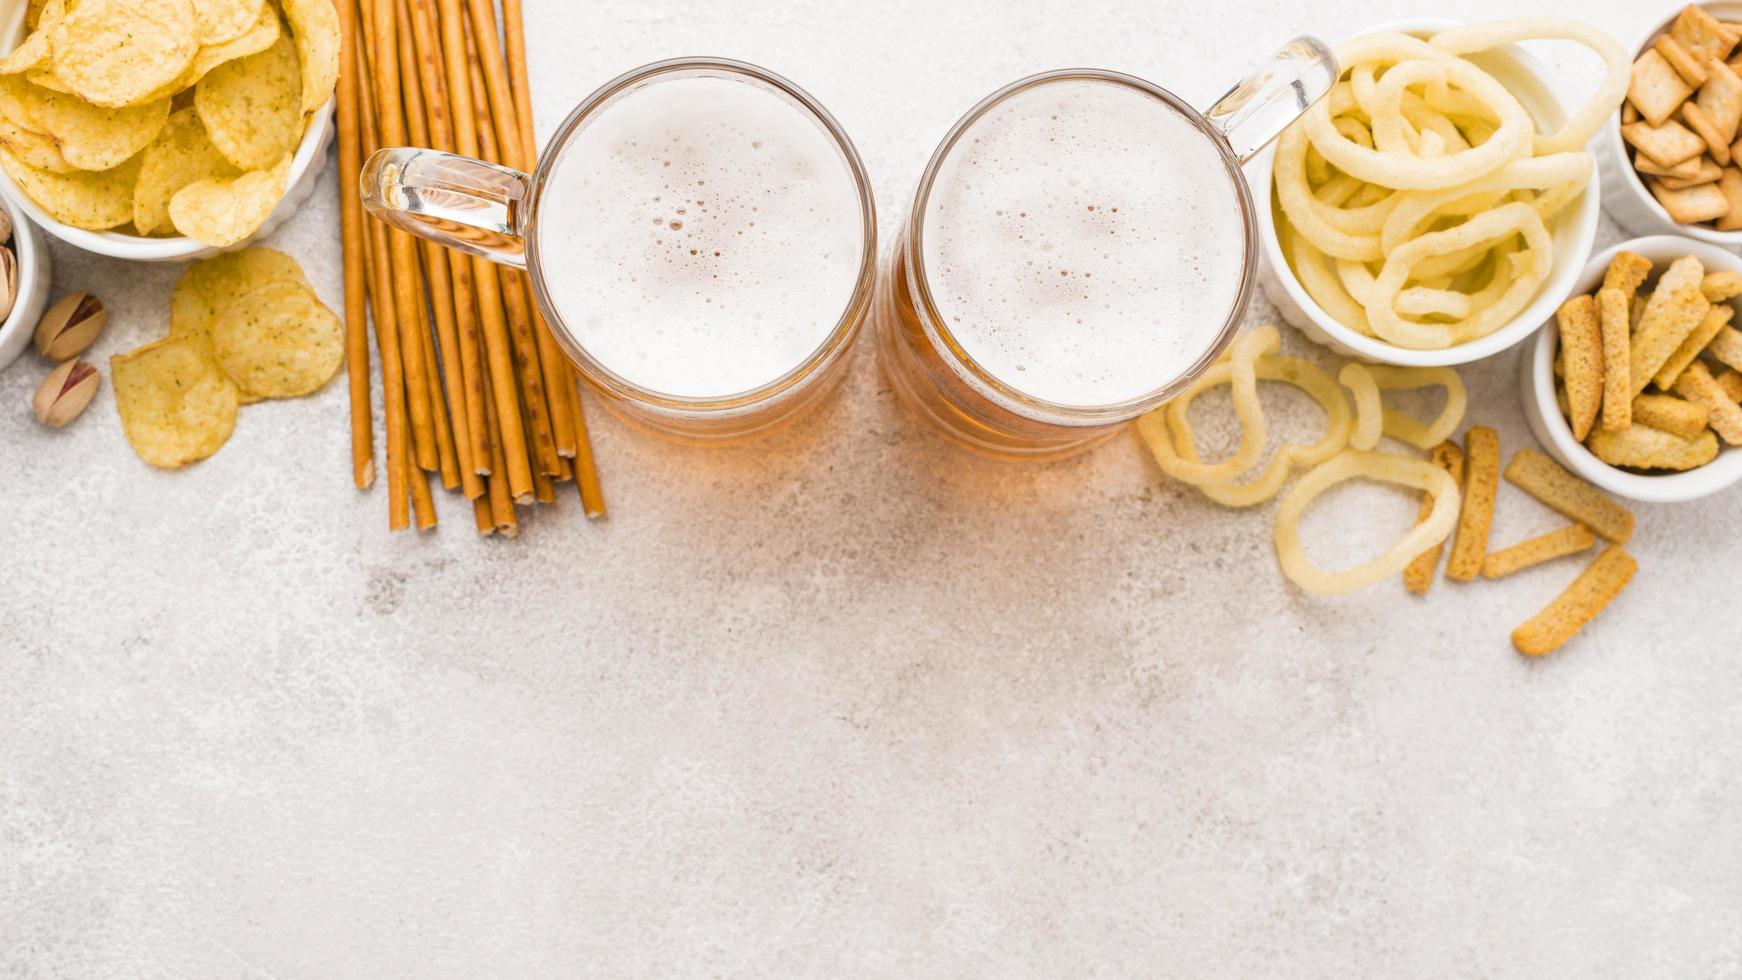 bier en snacks met kopie ruimte foto